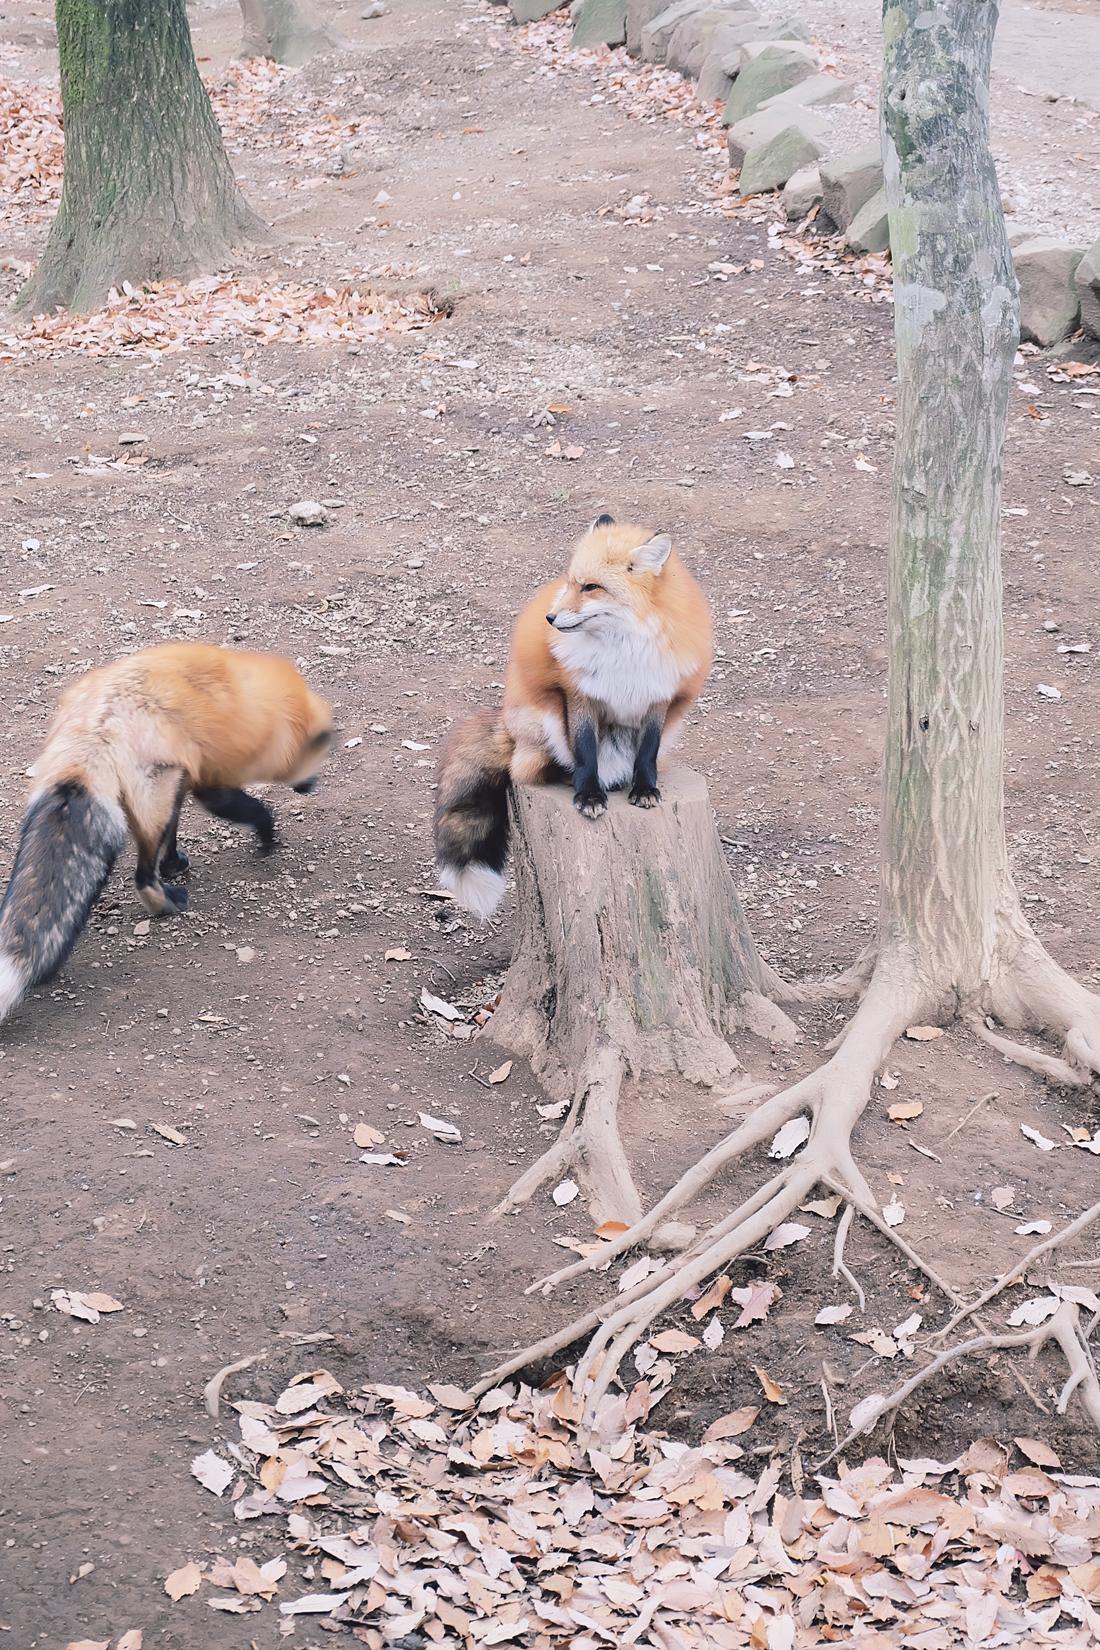 miyagi-zao-fox-village-rainbowholic-79